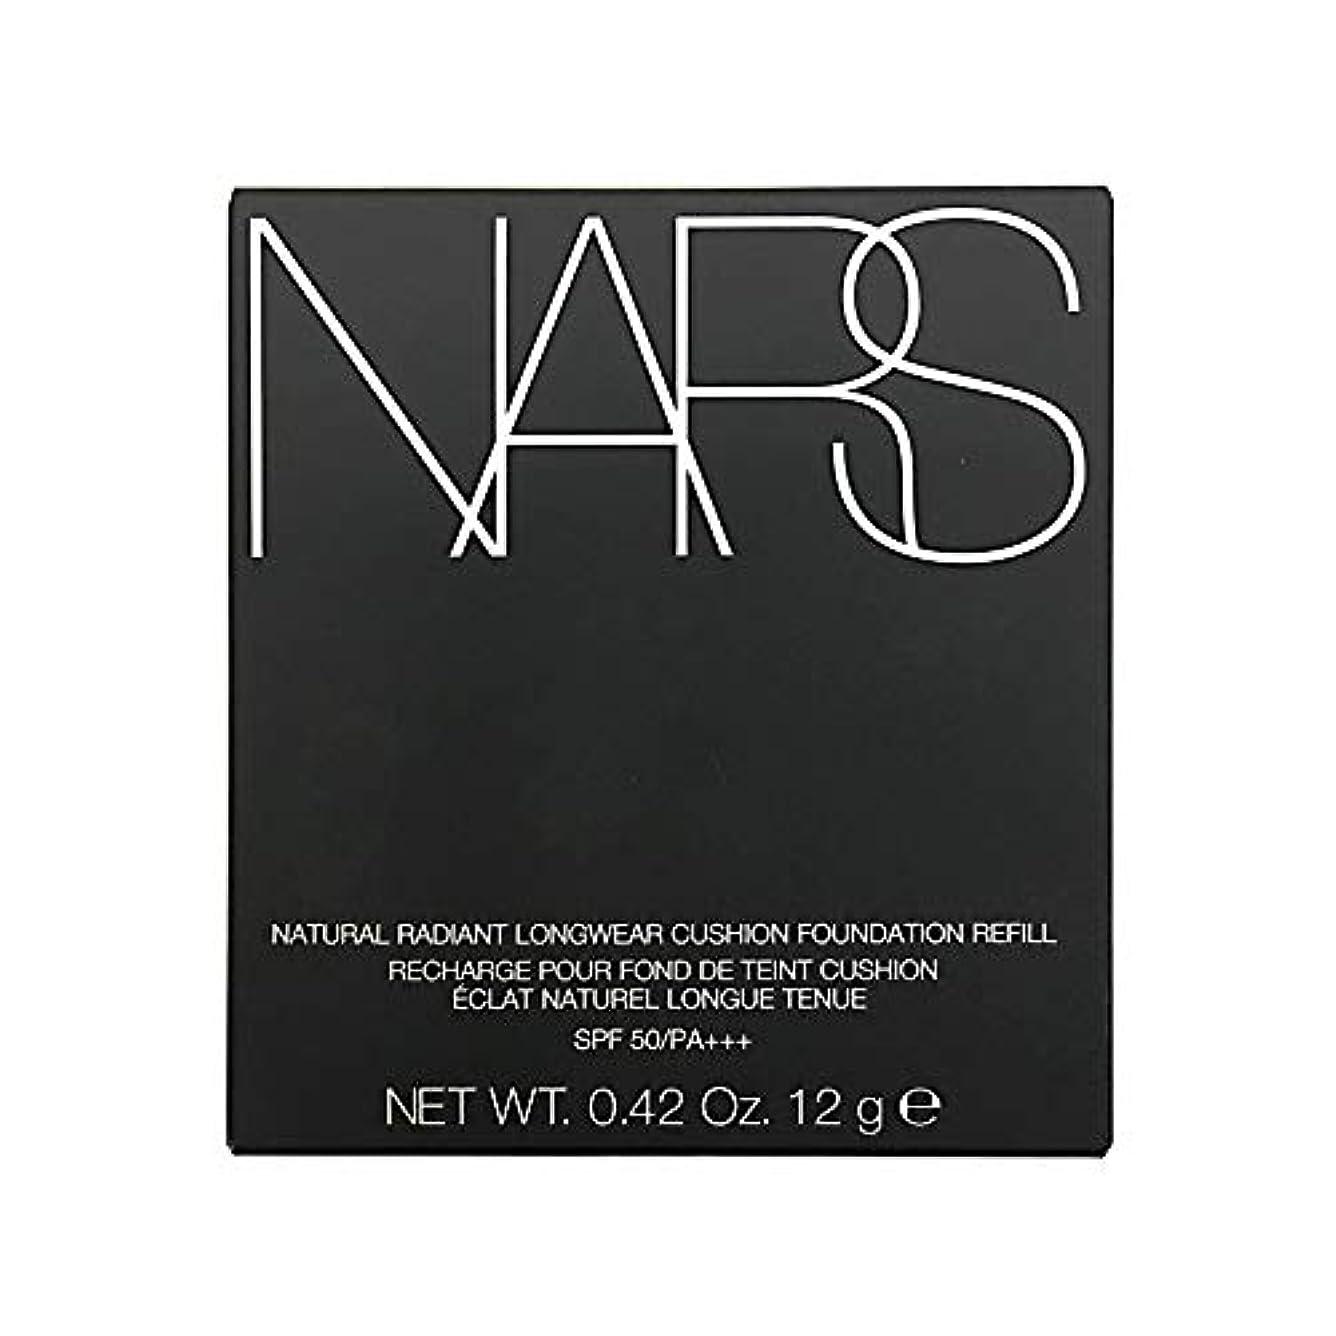 ナットパートナー安息ナーズ/NARS ナチュラルラディアント ロングウェア クッションファンデーション(レフィル)#5880[ クッションファンデ ] [並行輸入品]